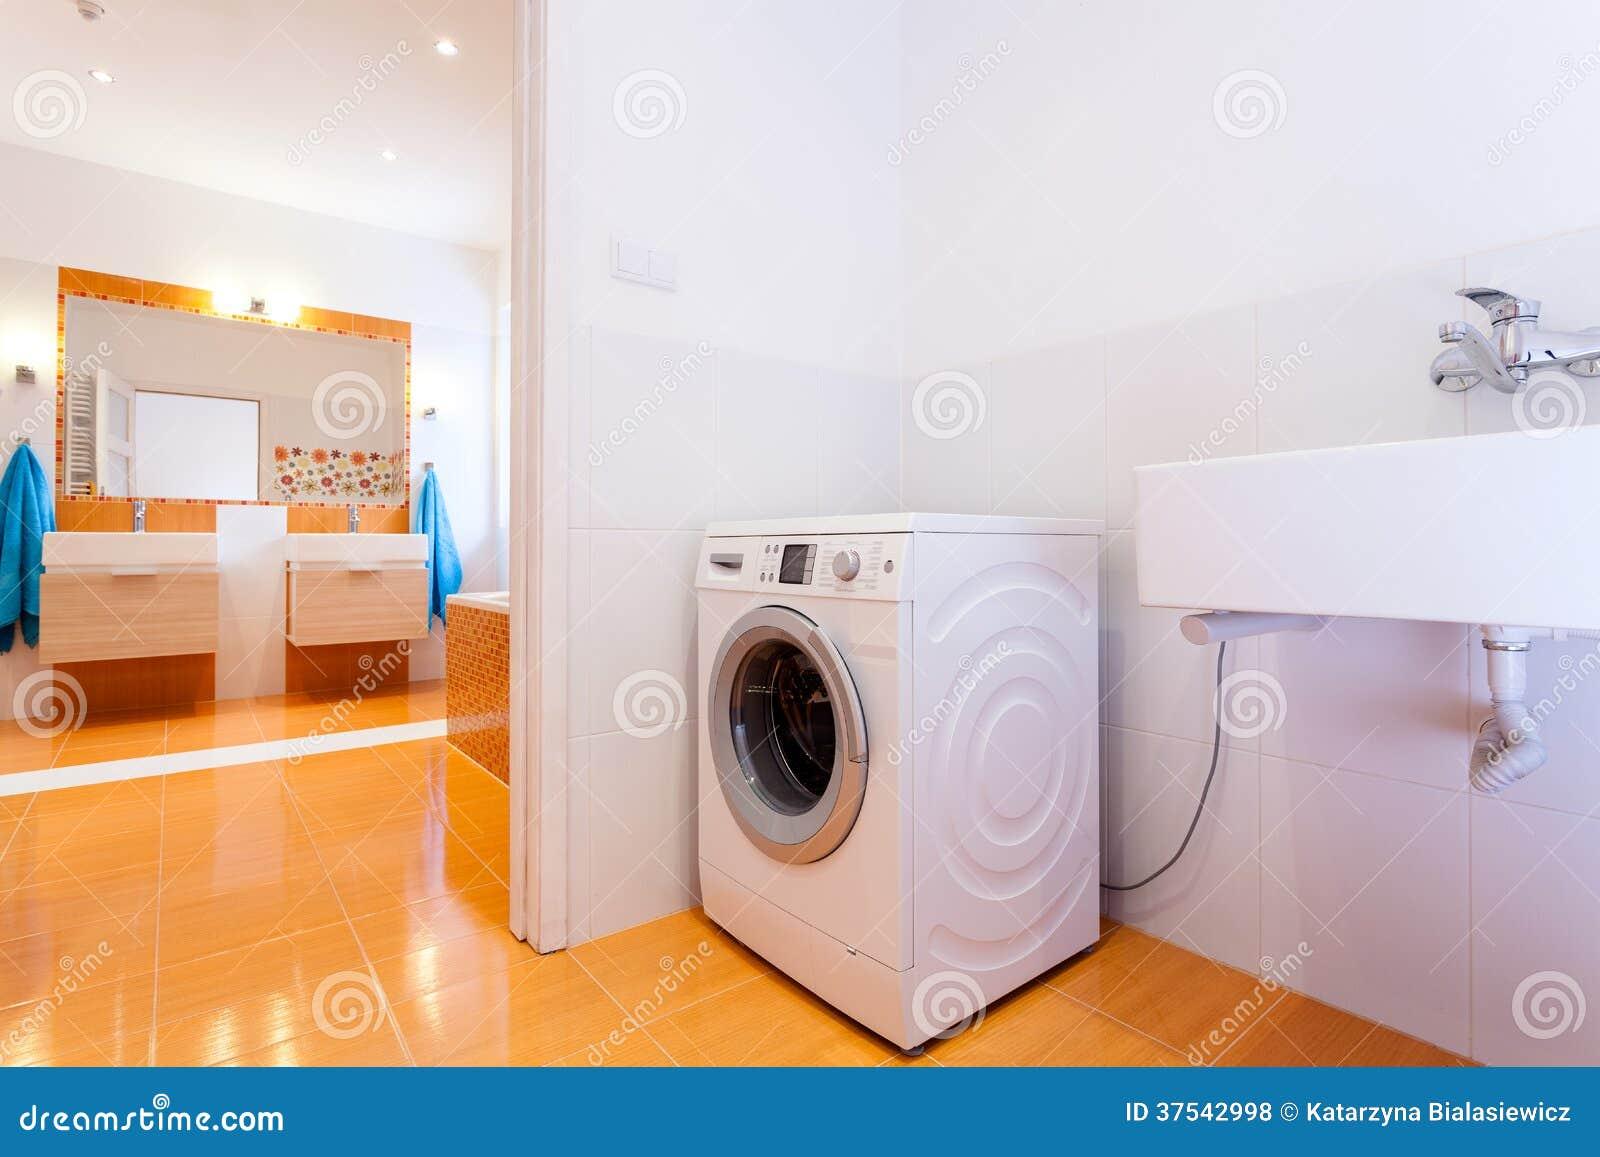 grande salle de bains pratique avec la machine laver photos libres de droits image 37542998. Black Bedroom Furniture Sets. Home Design Ideas